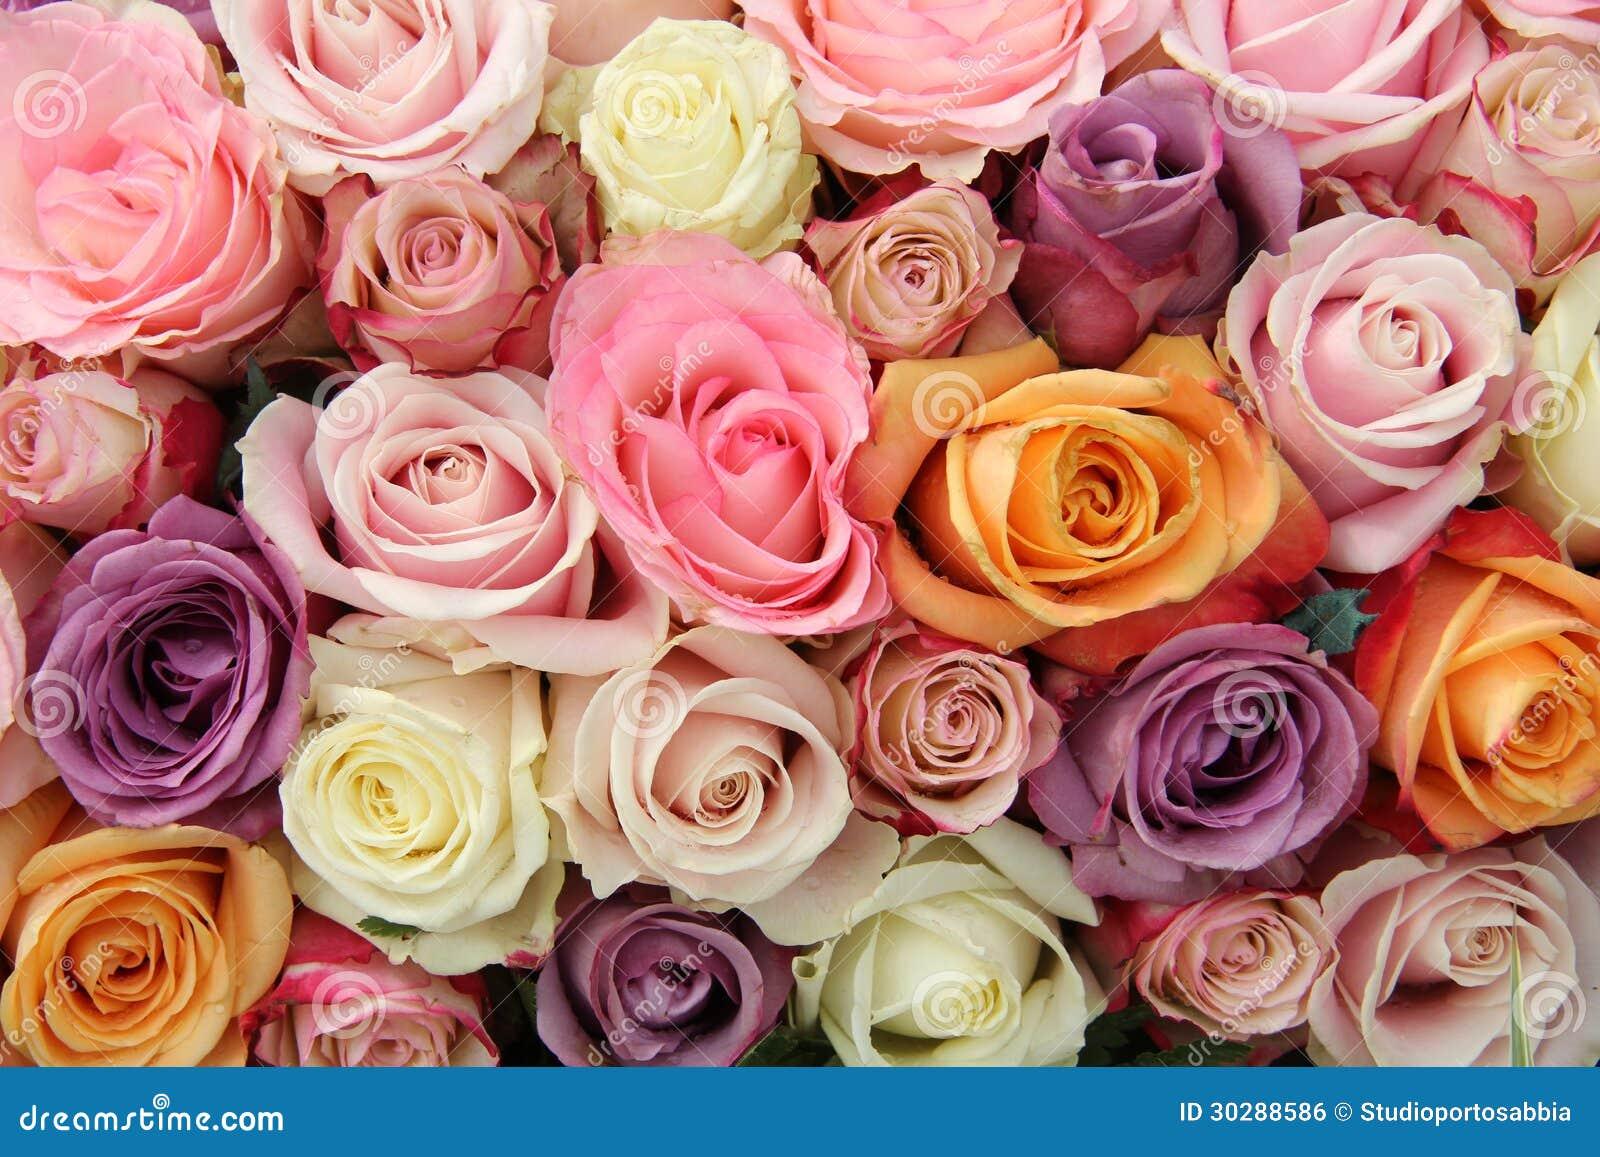 Rosas en colores pastel mezcladas foto de archivo imagen - Fotos de rosas de colores ...